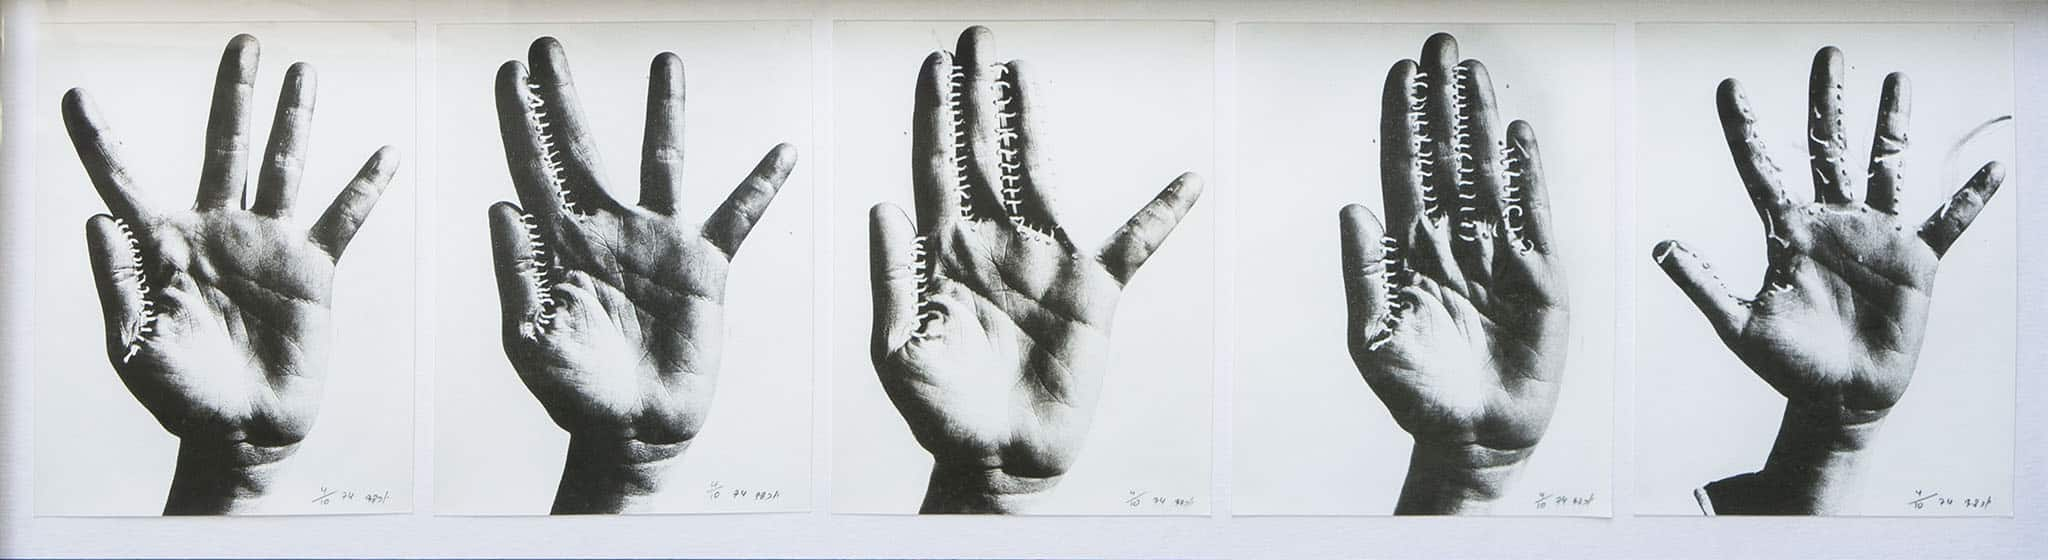 """יוכבד וינפלד, """"ידיים תפורות"""", 1974, הדפס כסף, 5x24x19 ס""""מ"""